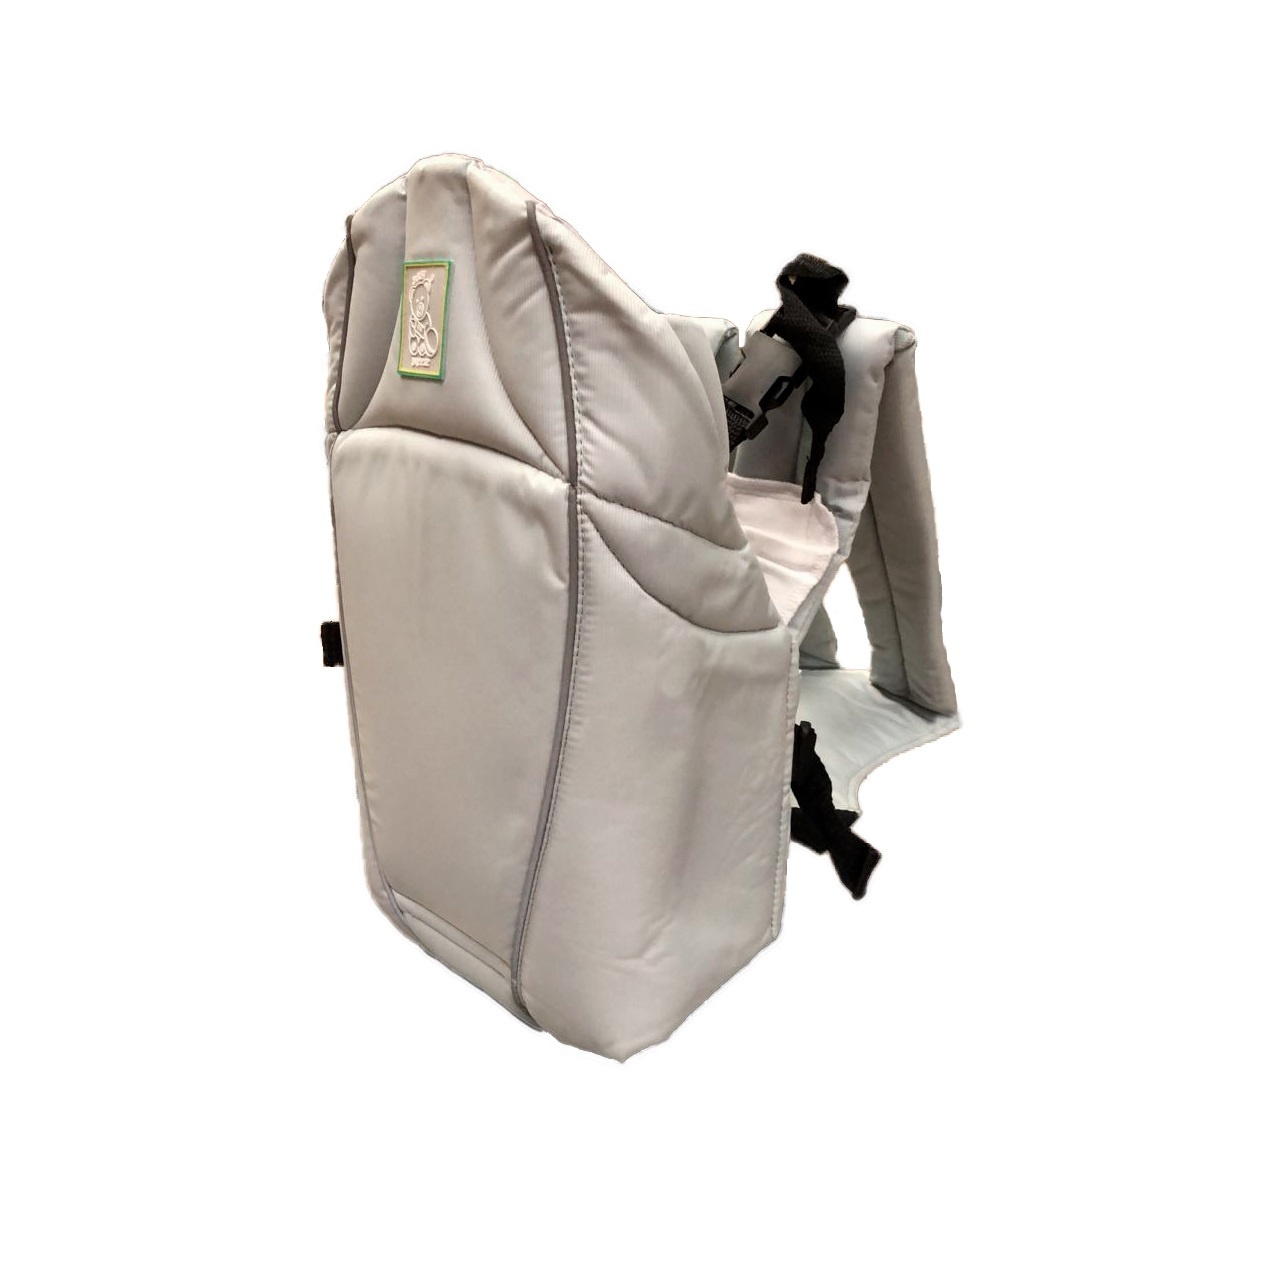 Рюкзак для переноски детей R Toys 30733